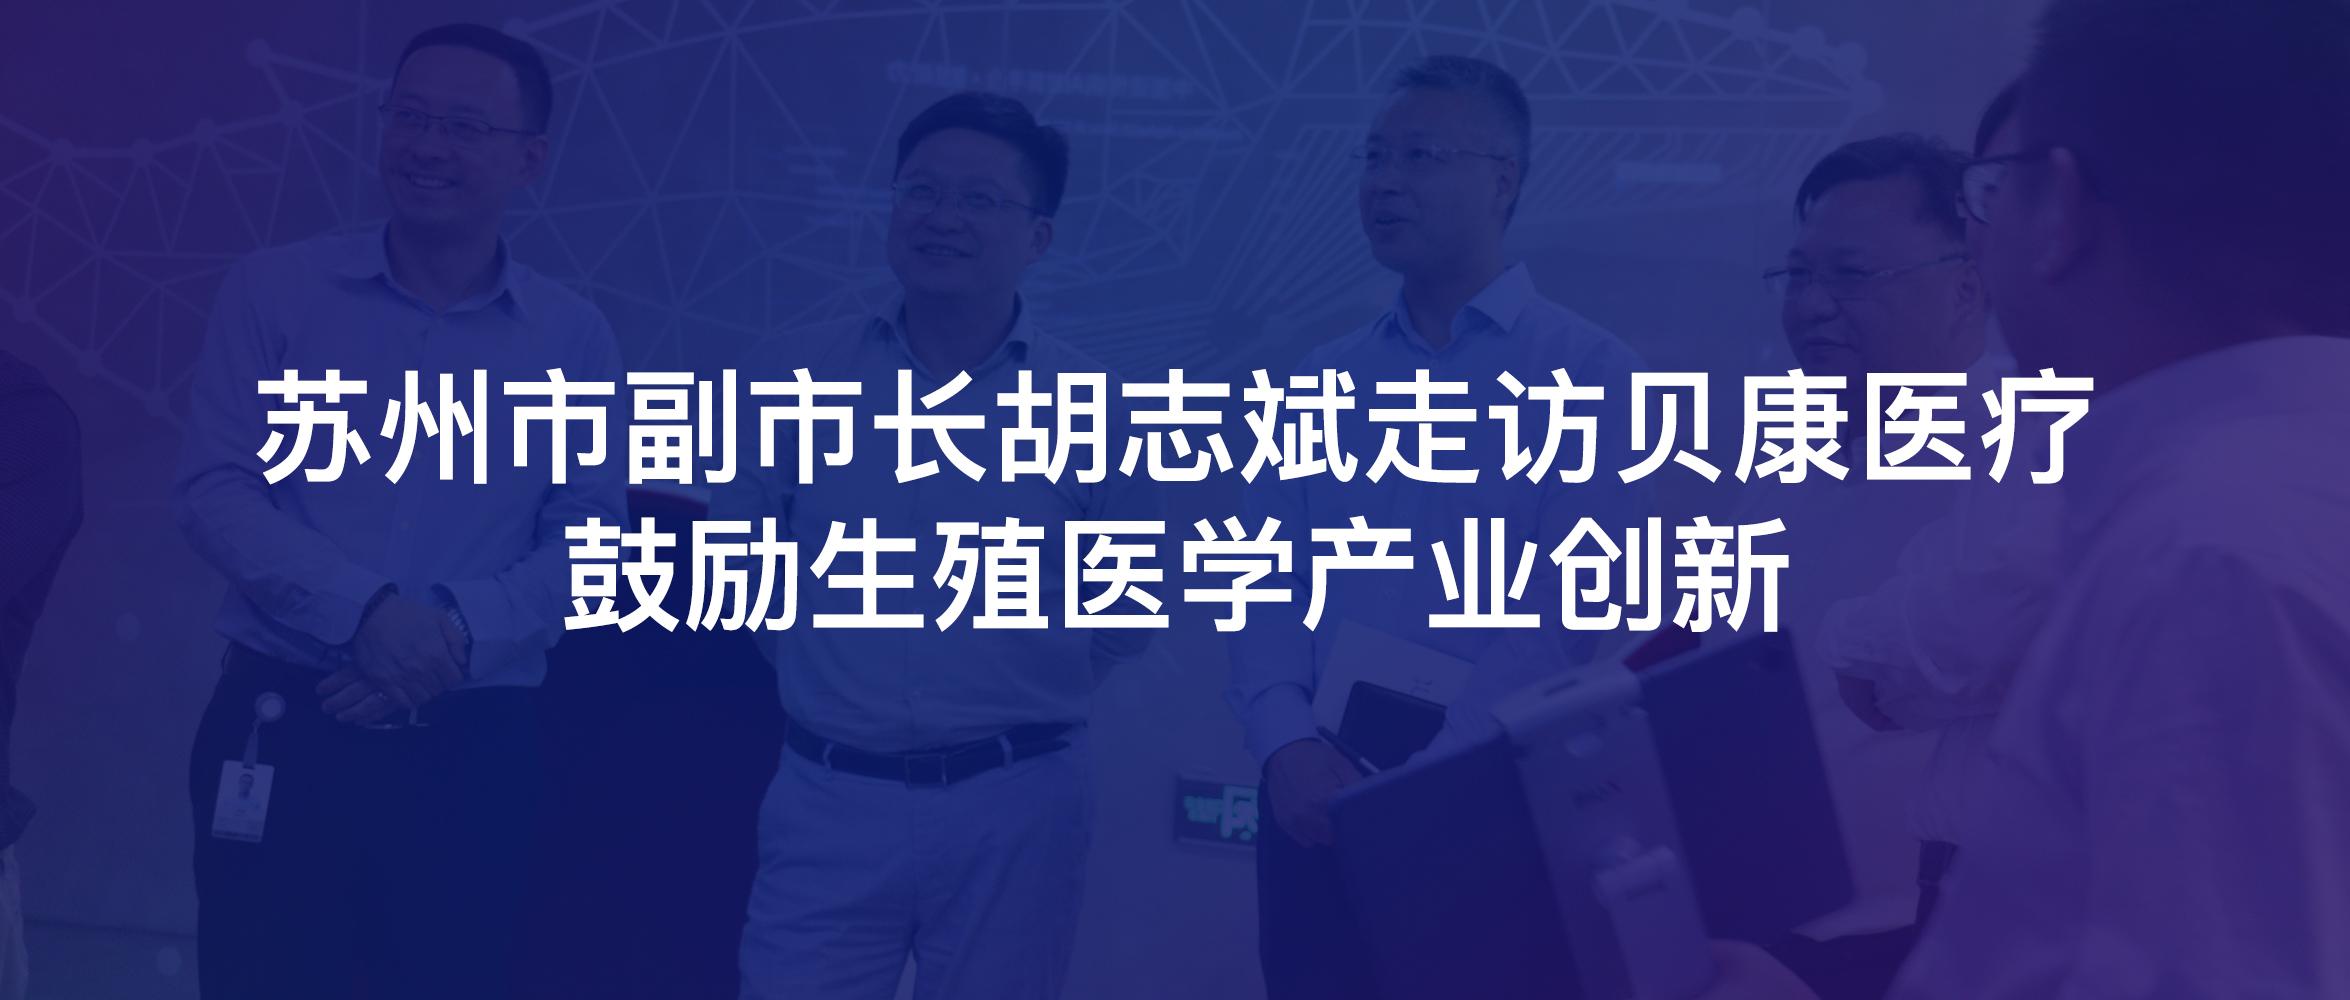 苏州市副市长胡志斌走访贝康医疗,鼓励生殖医学产业创新